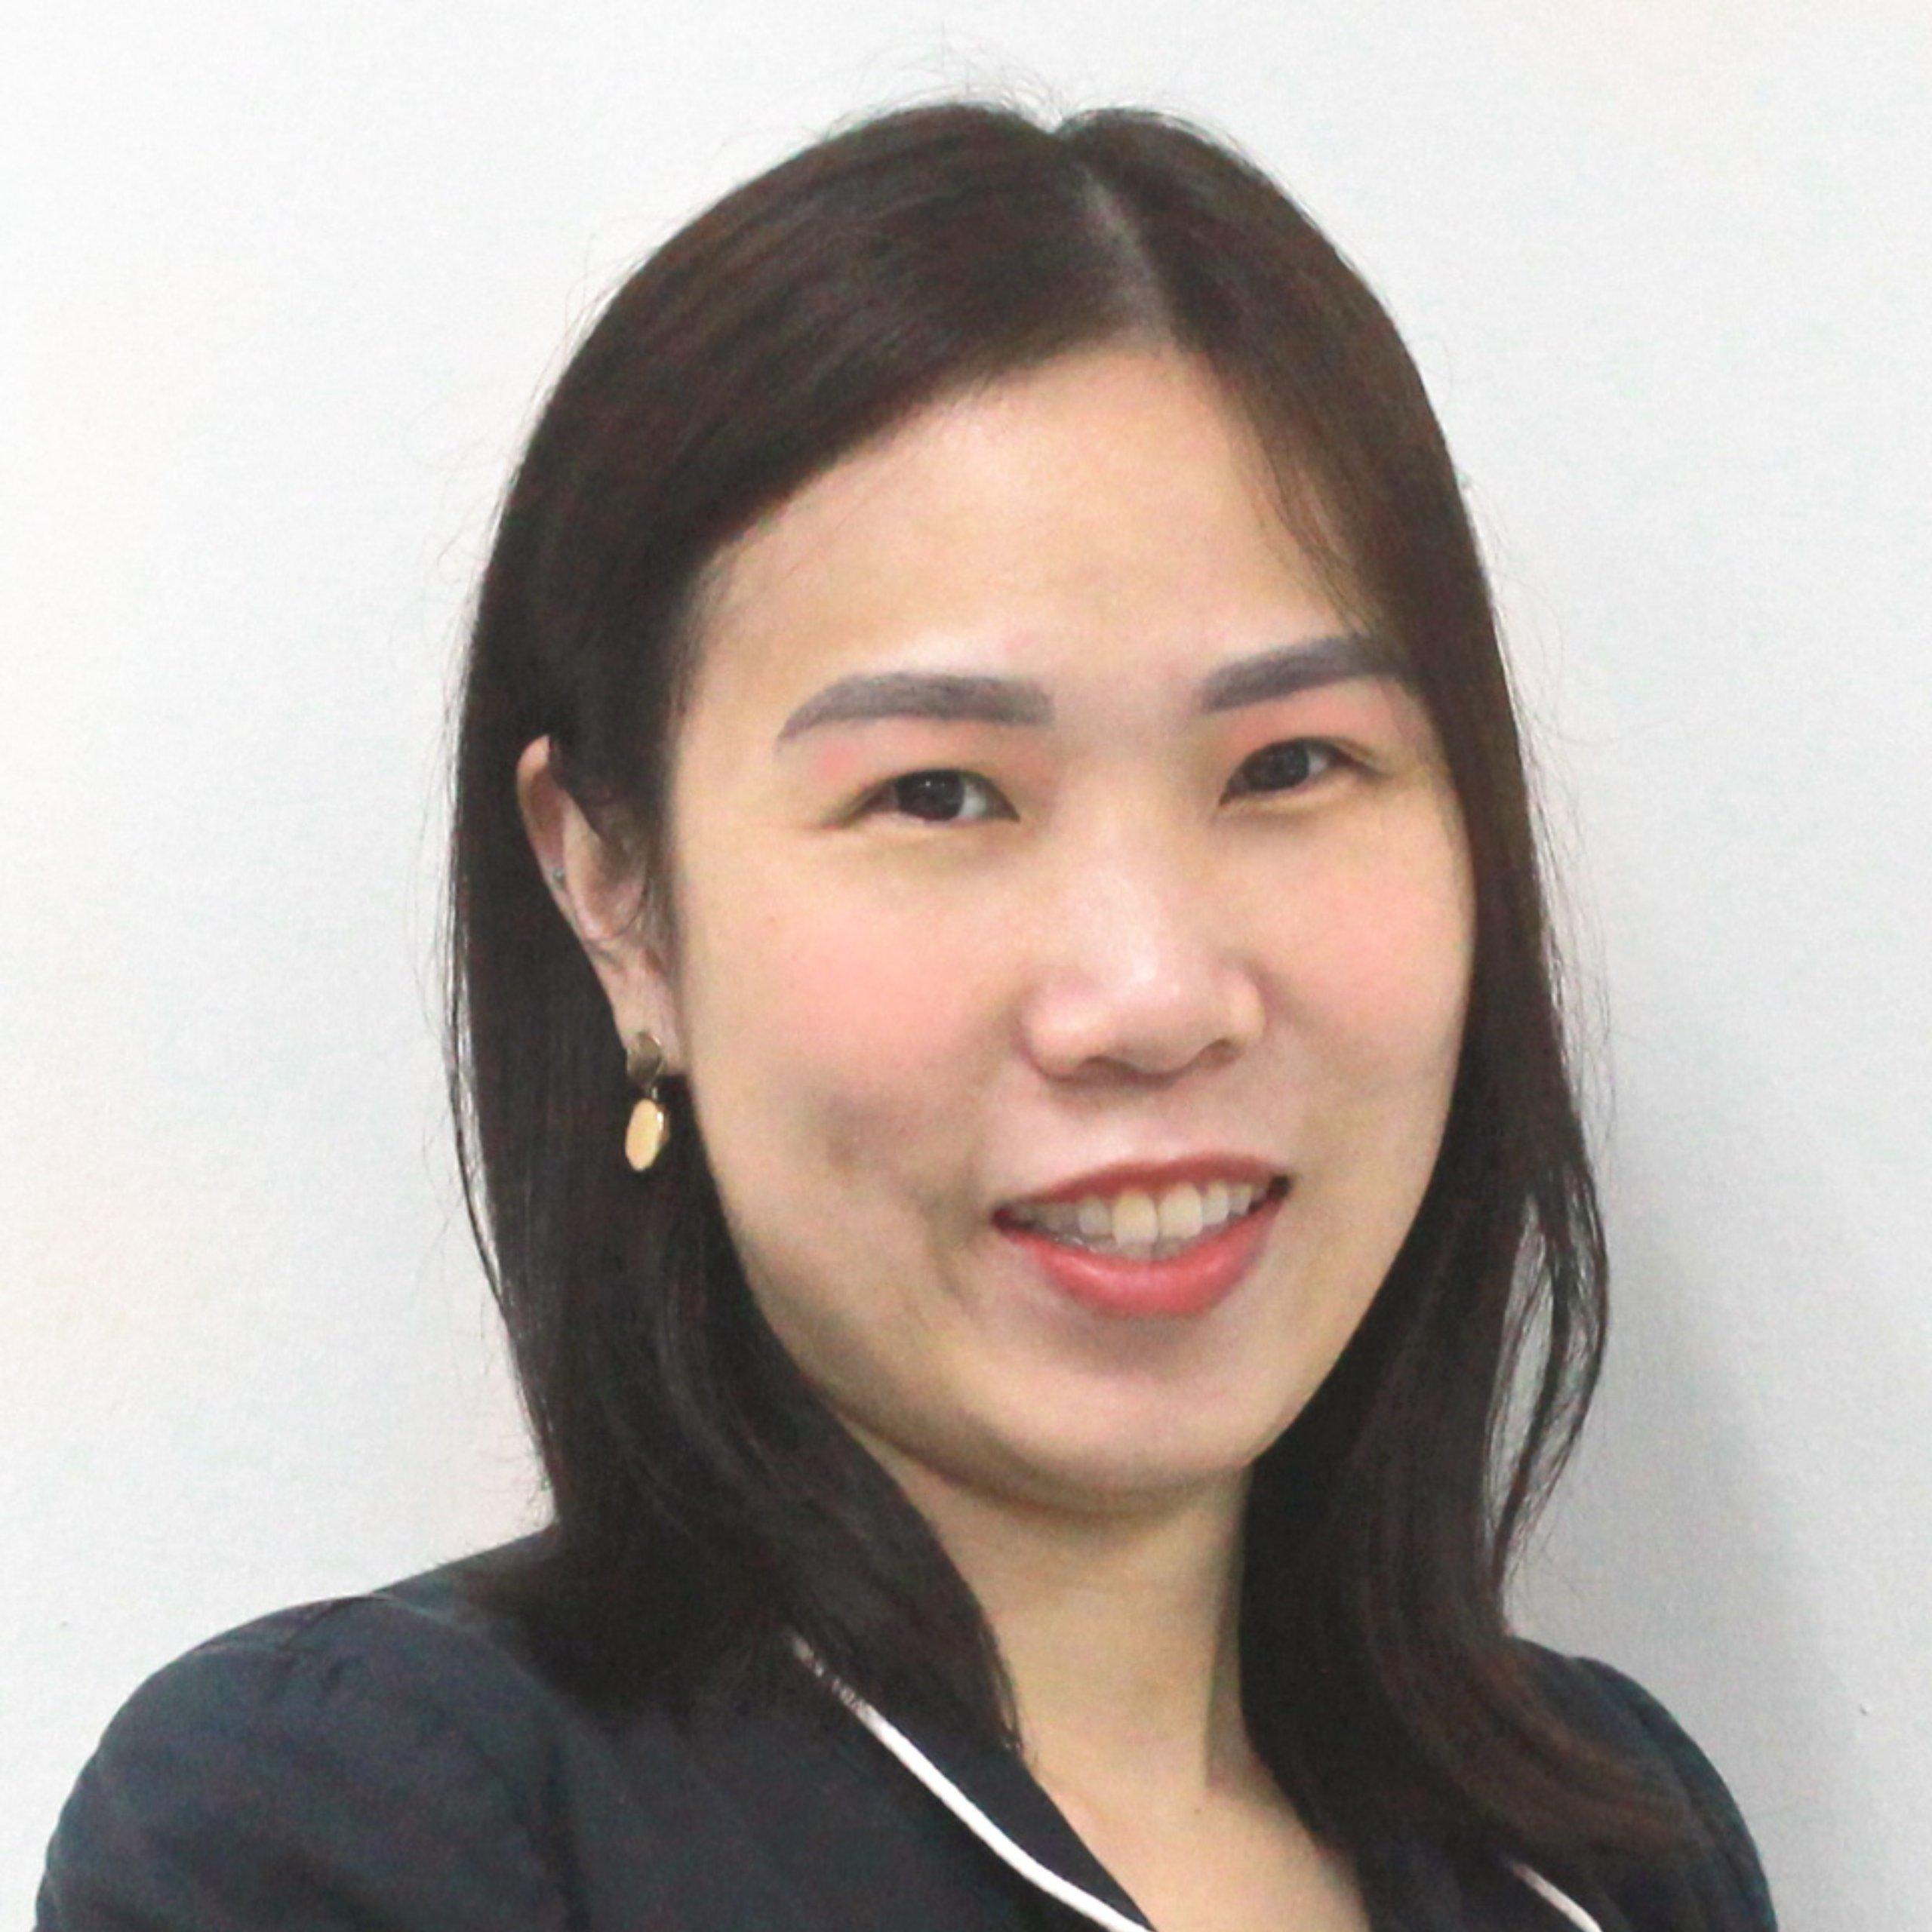 Kathy Chiam